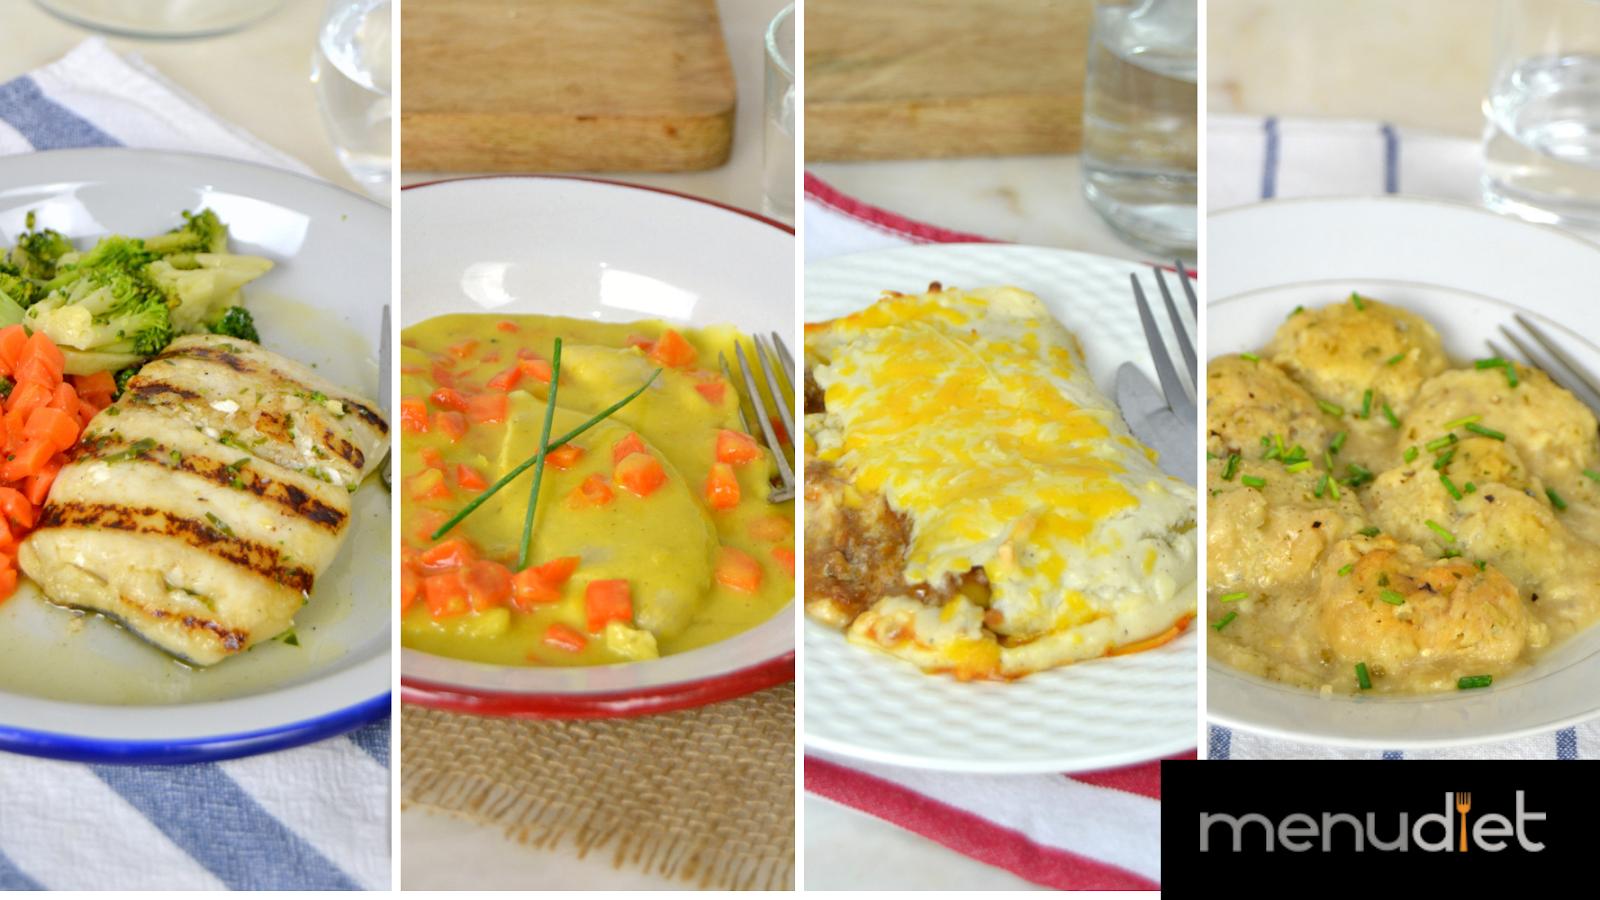 Menudiet, cocina casera y sana a domicilio